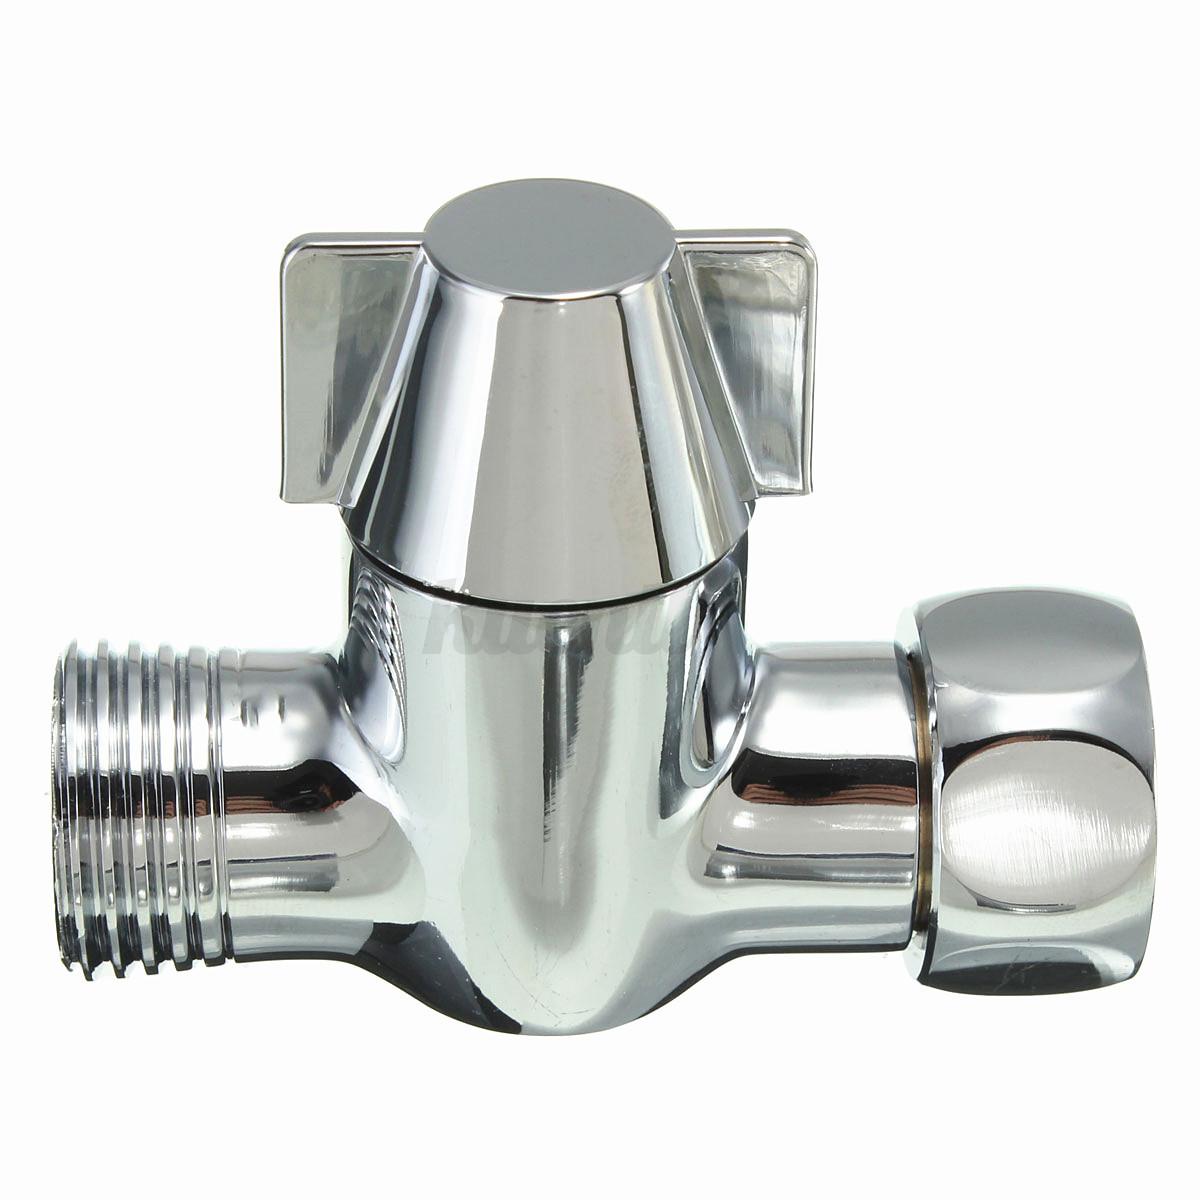 g1 2 brass 3 way shower head diverter valve faucet bathroom brass 3 way shower head diverter valve tap t type